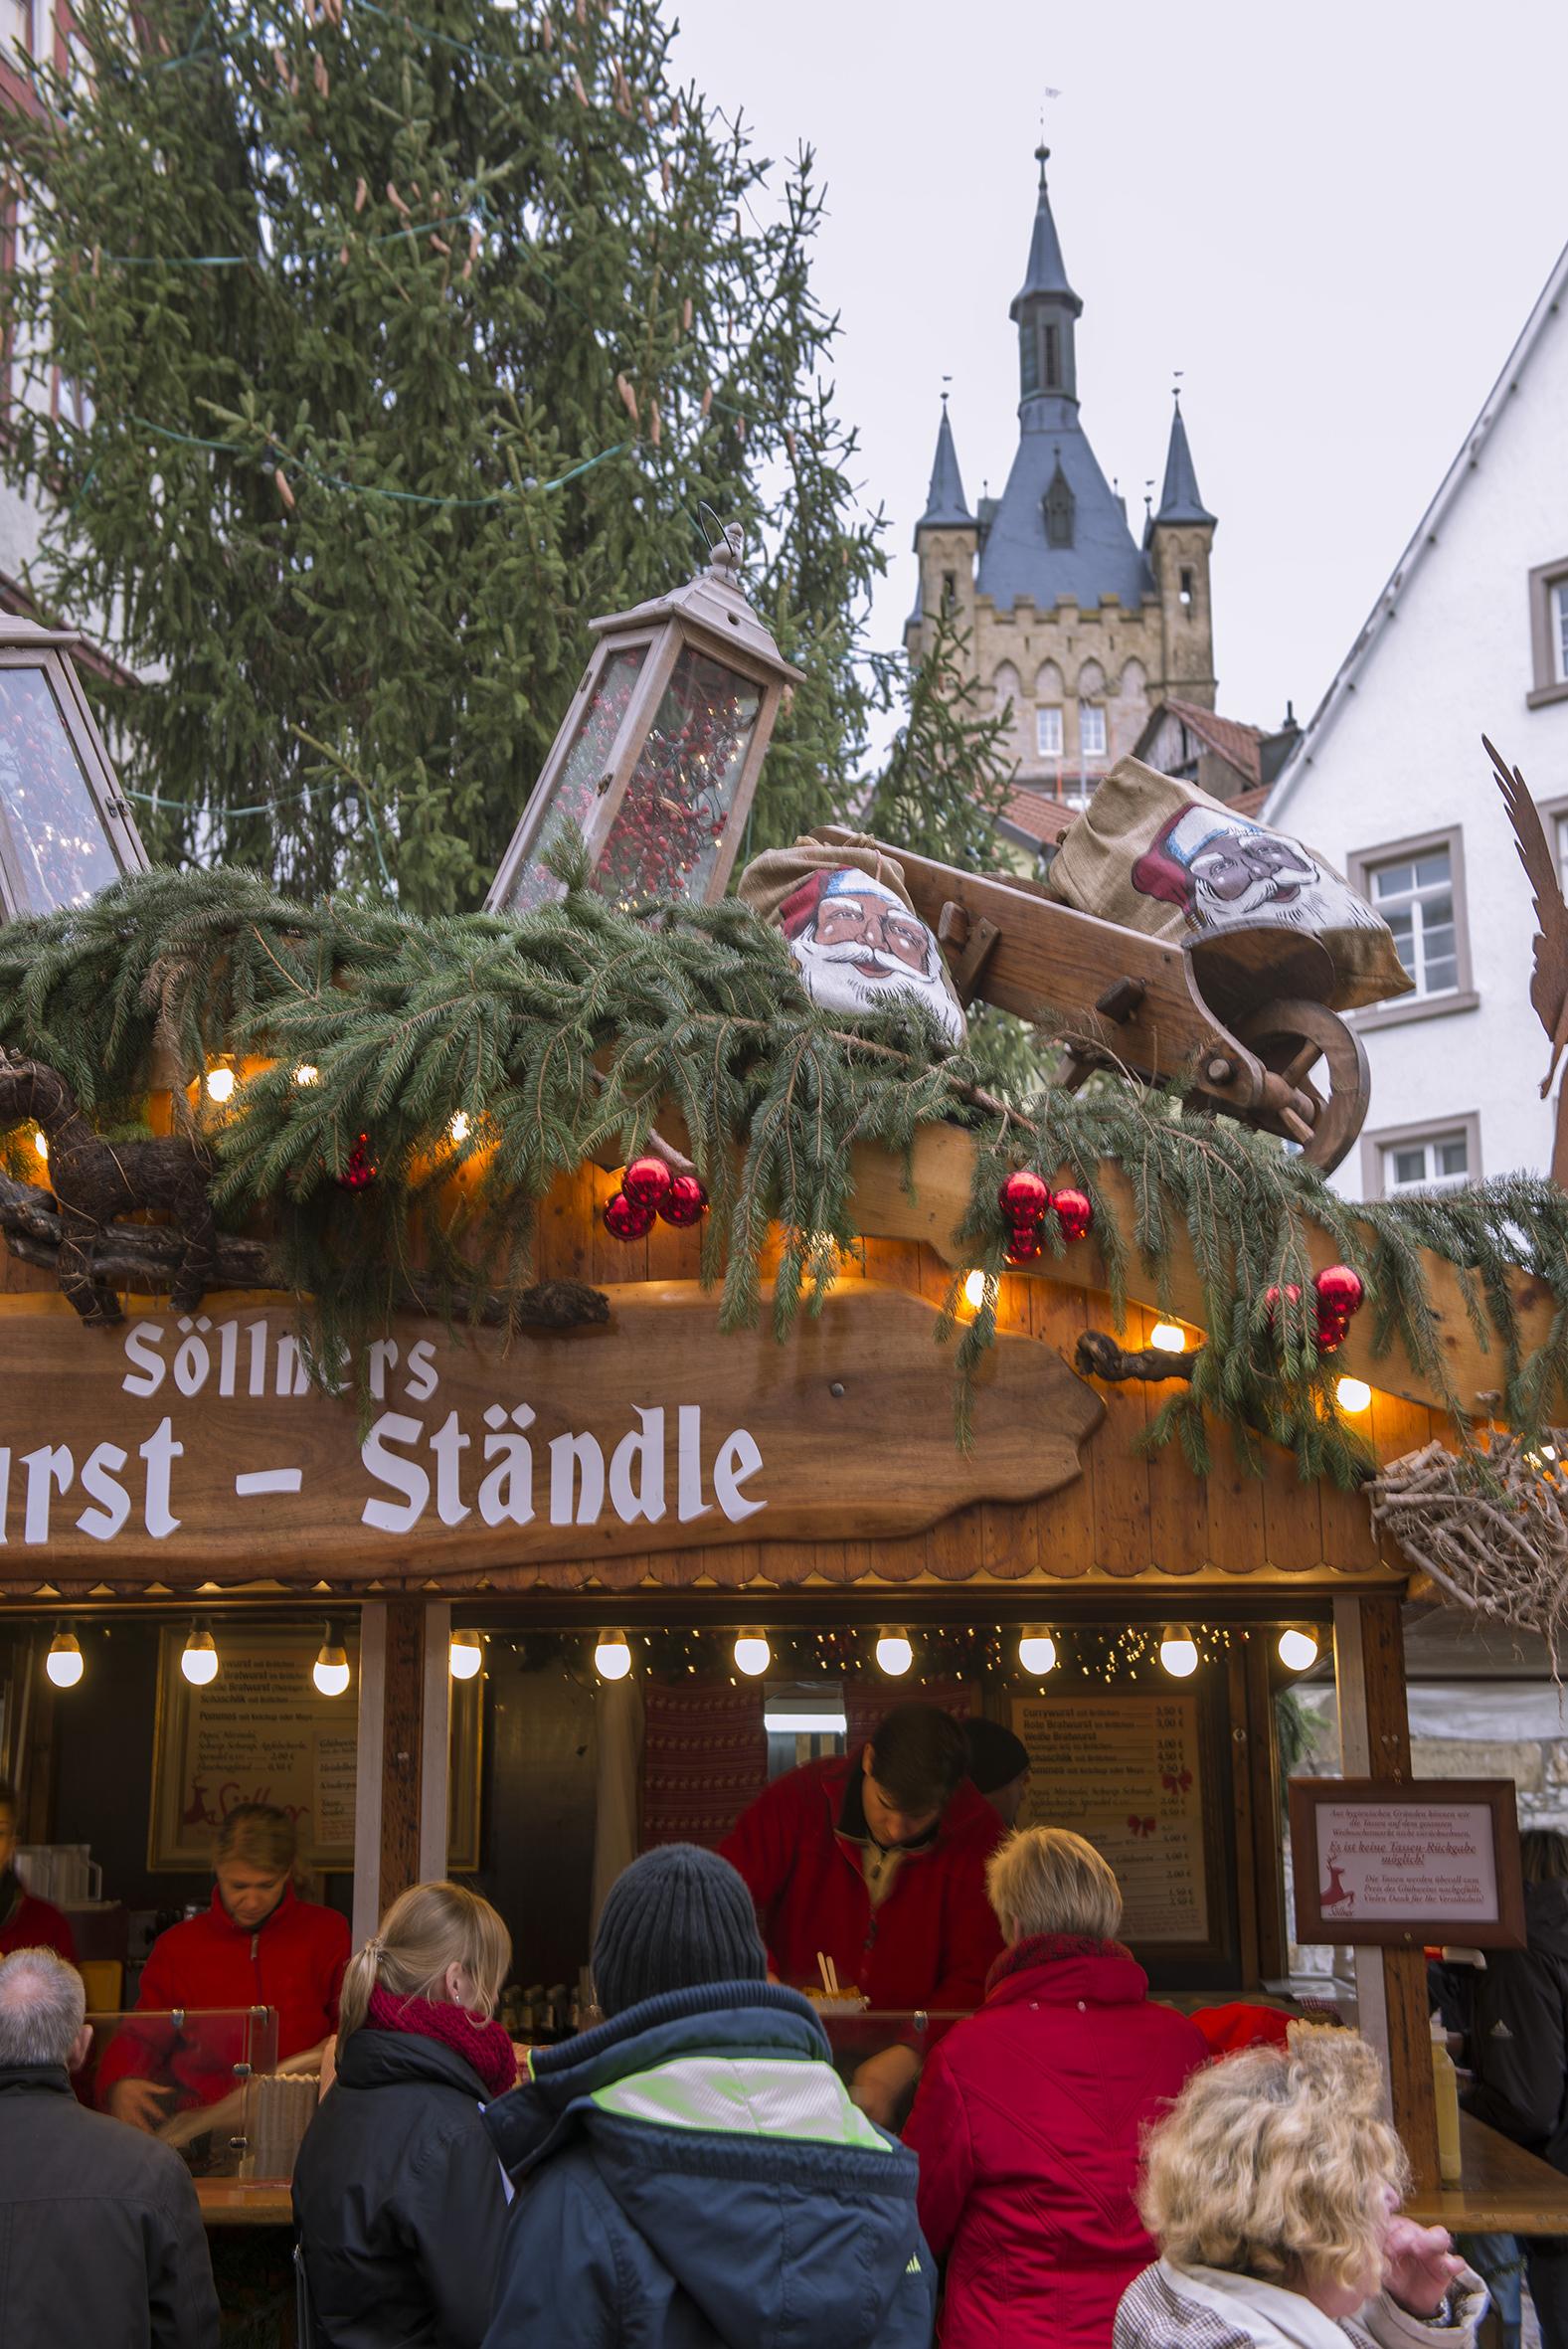 altdeutscher-weihnachtsmarkt-bad-wimpfen-15pghoch